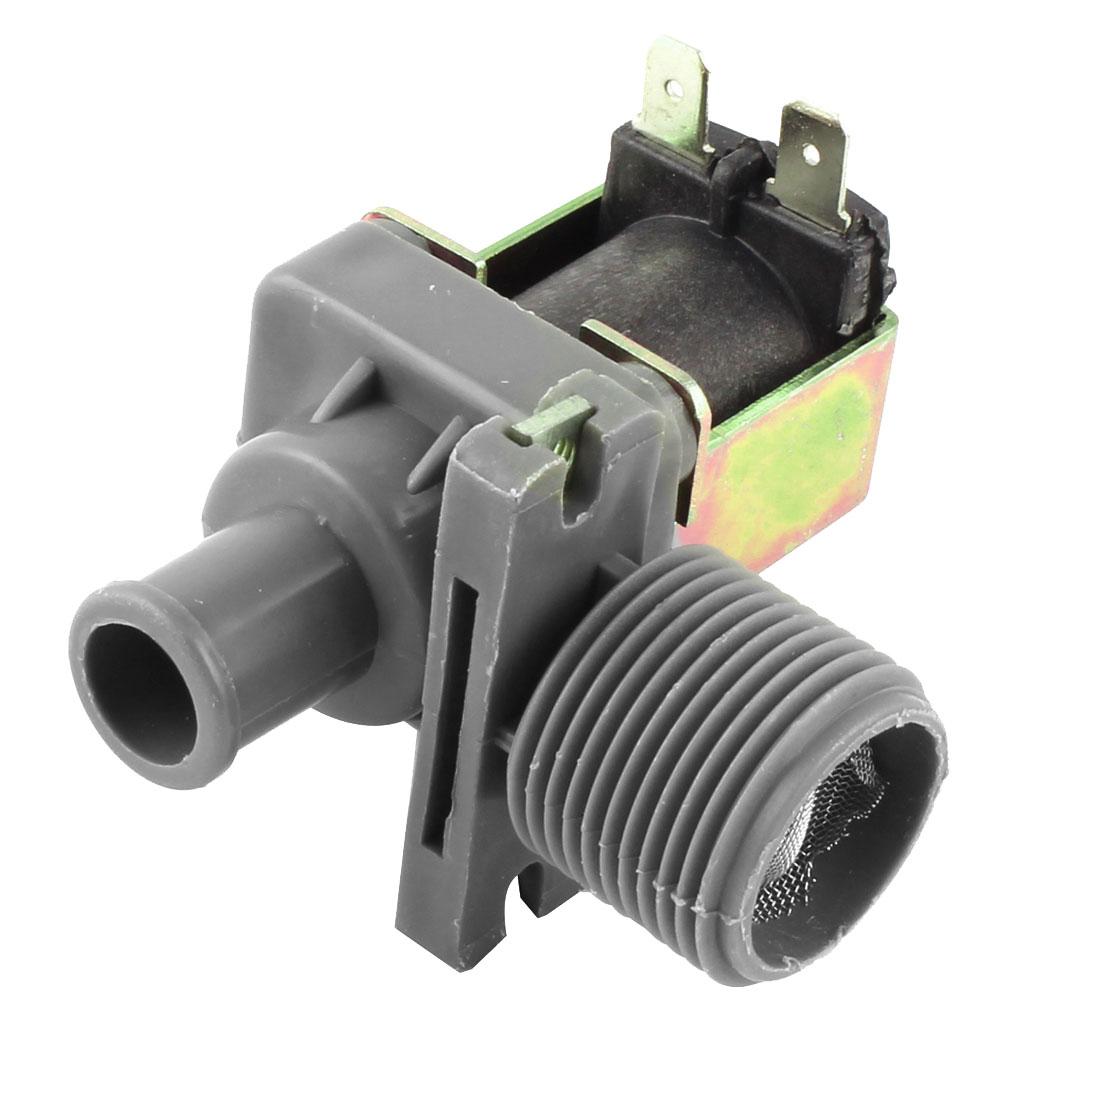 AC 220V 50Hz Water Inlet Solenoid Valve for Washing Machine